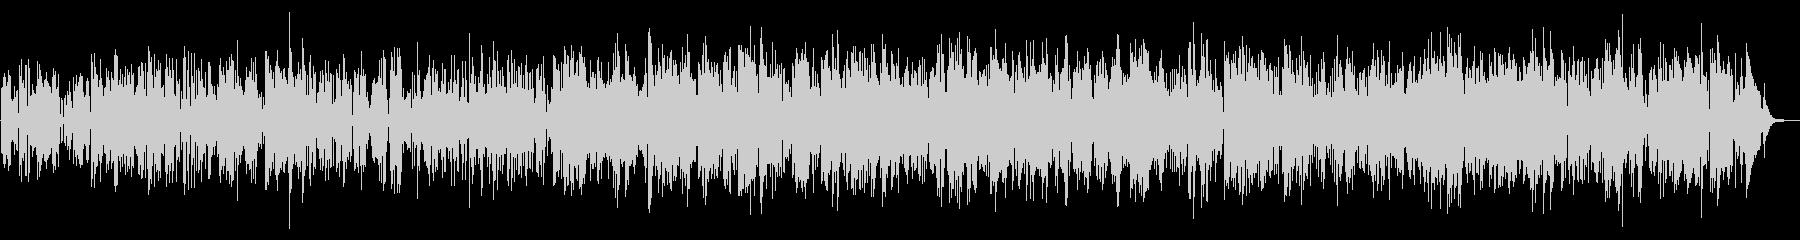 軽快なジャズファンク、サックスの未再生の波形